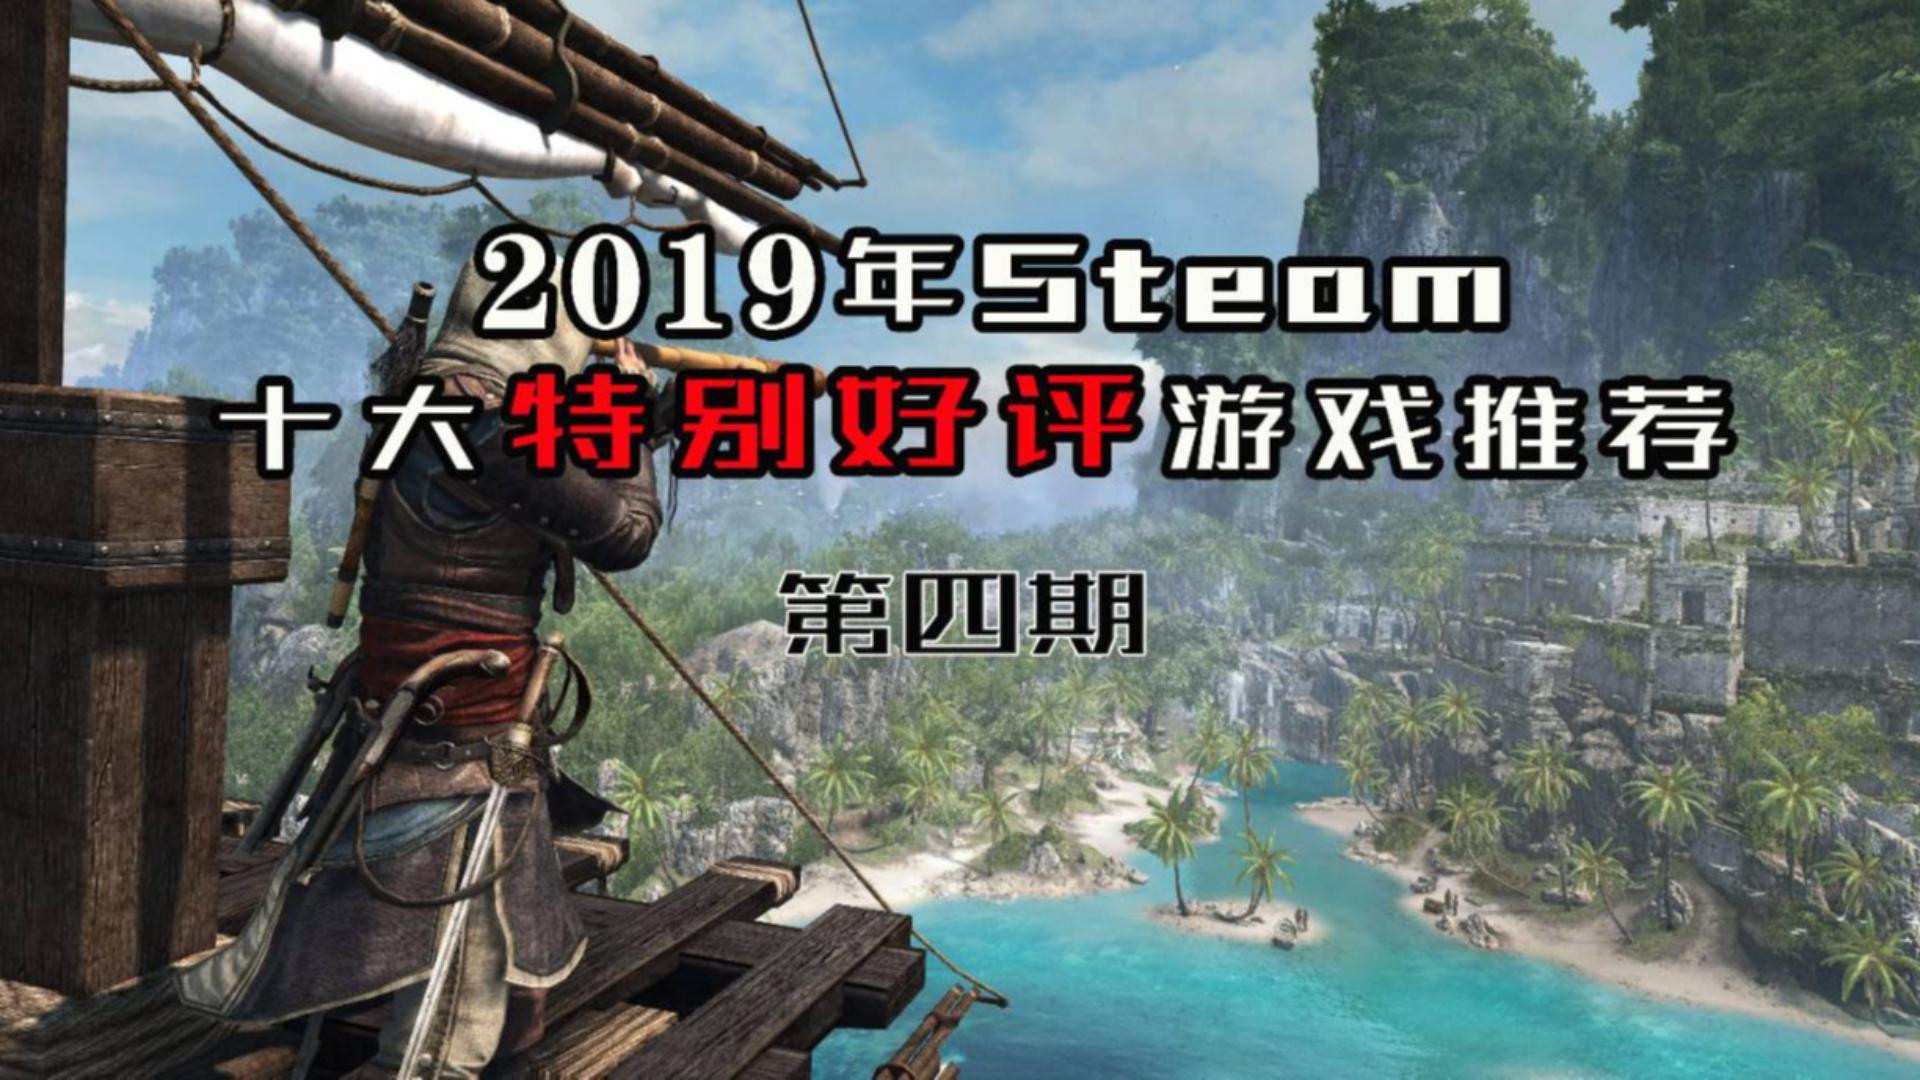 【游戏推荐】2019Steam十大特别好评游戏-第四期